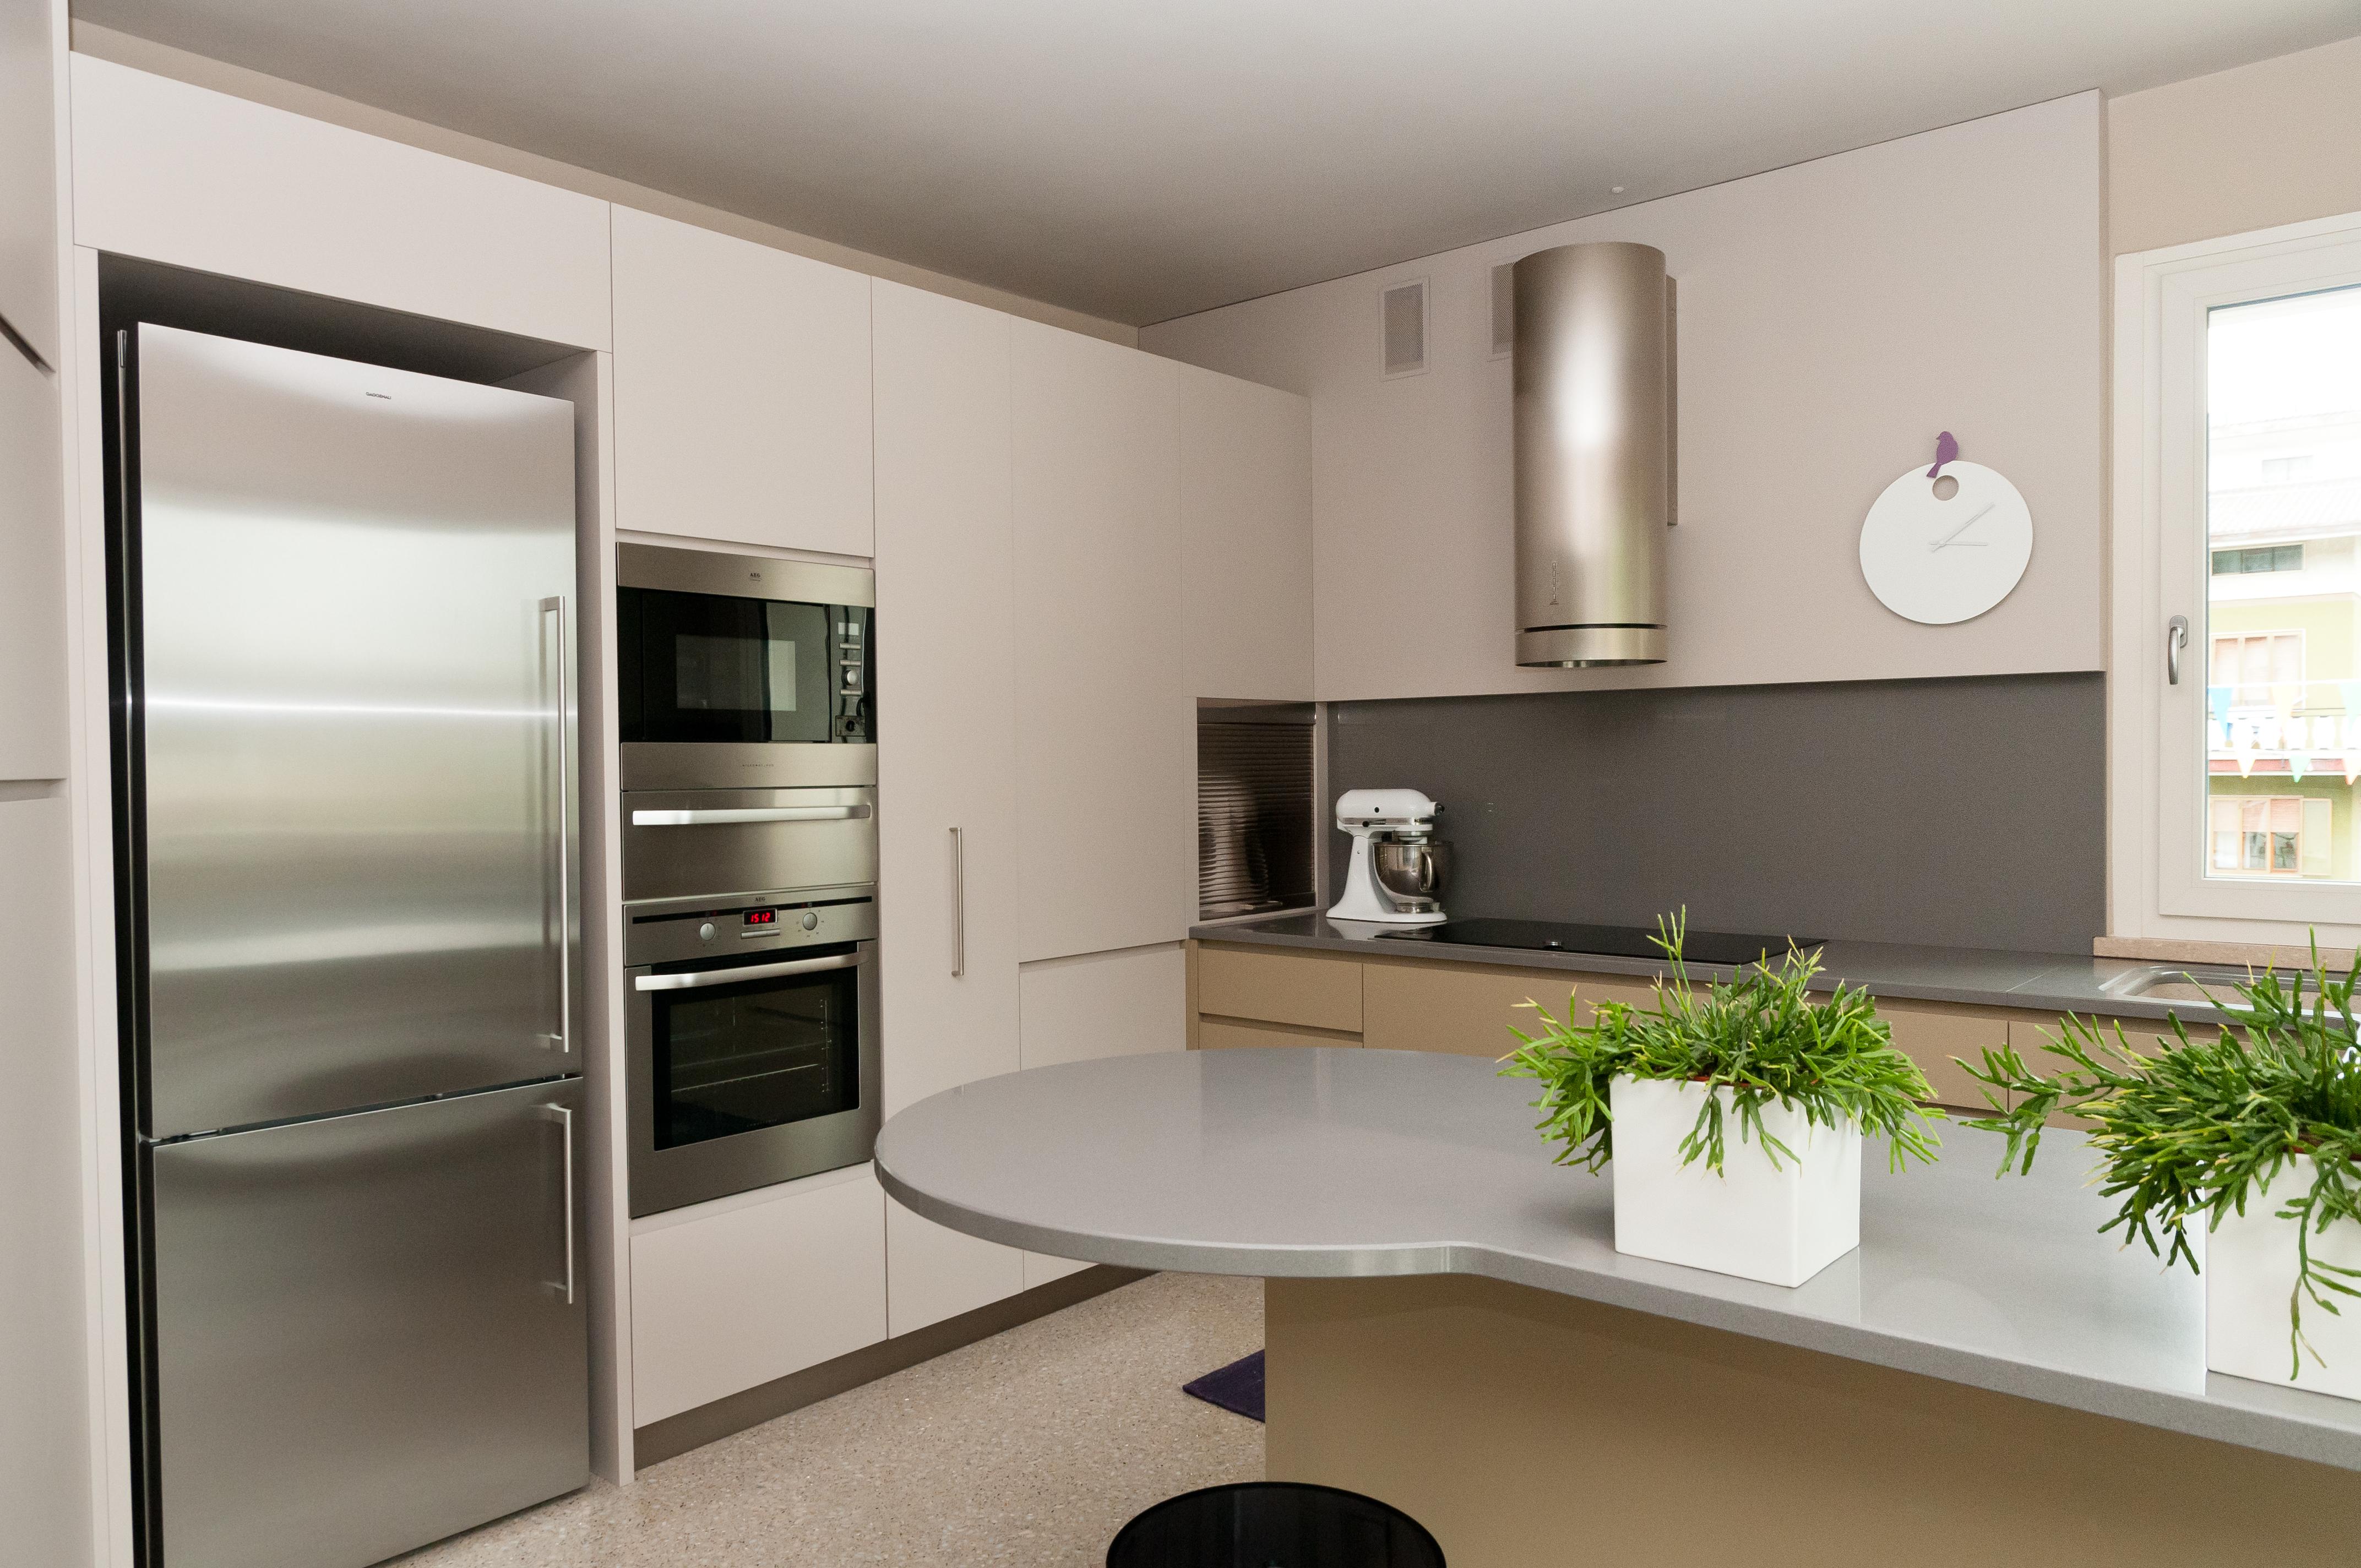 Arredamento su misura classico e moderno baldrani for Arredamenti moderni